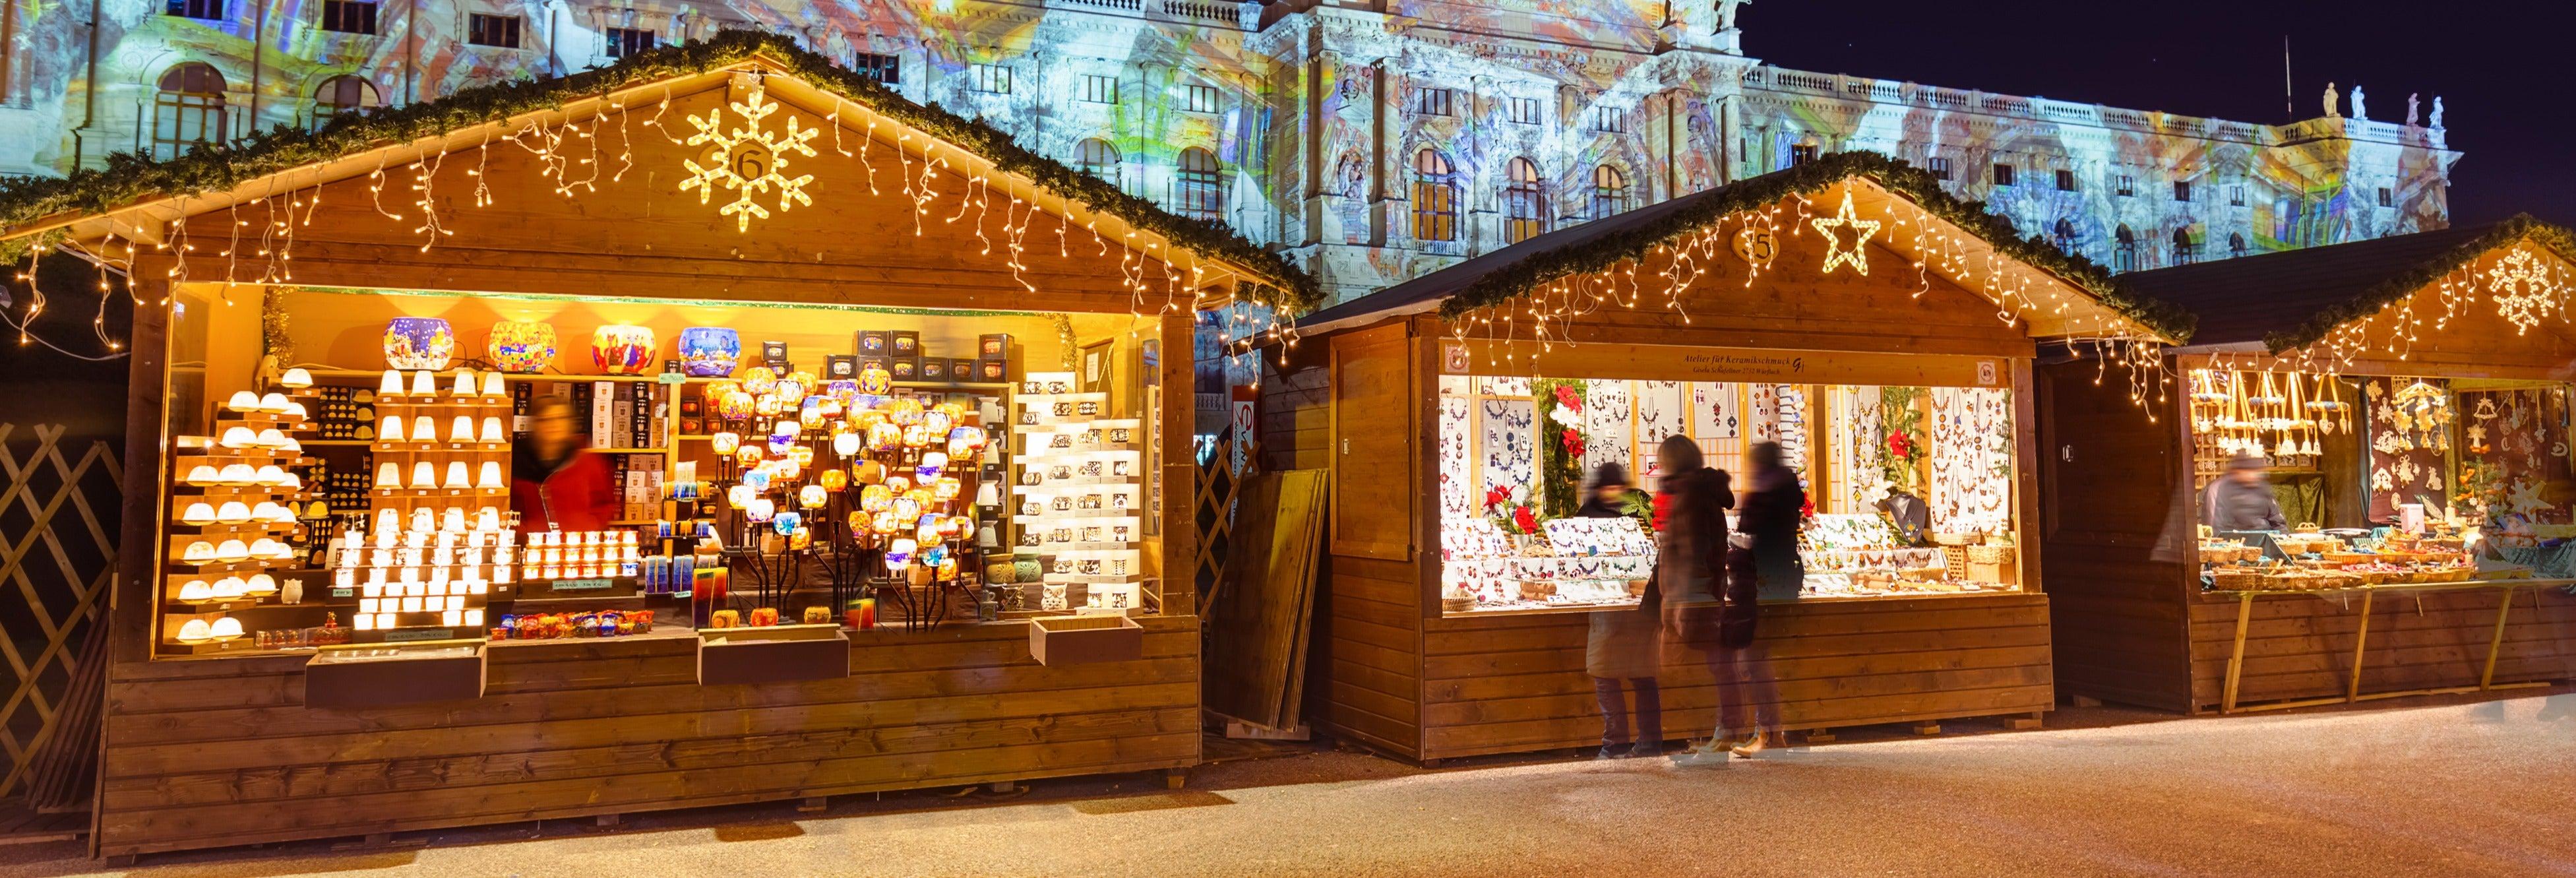 Visite des marchés de Noël